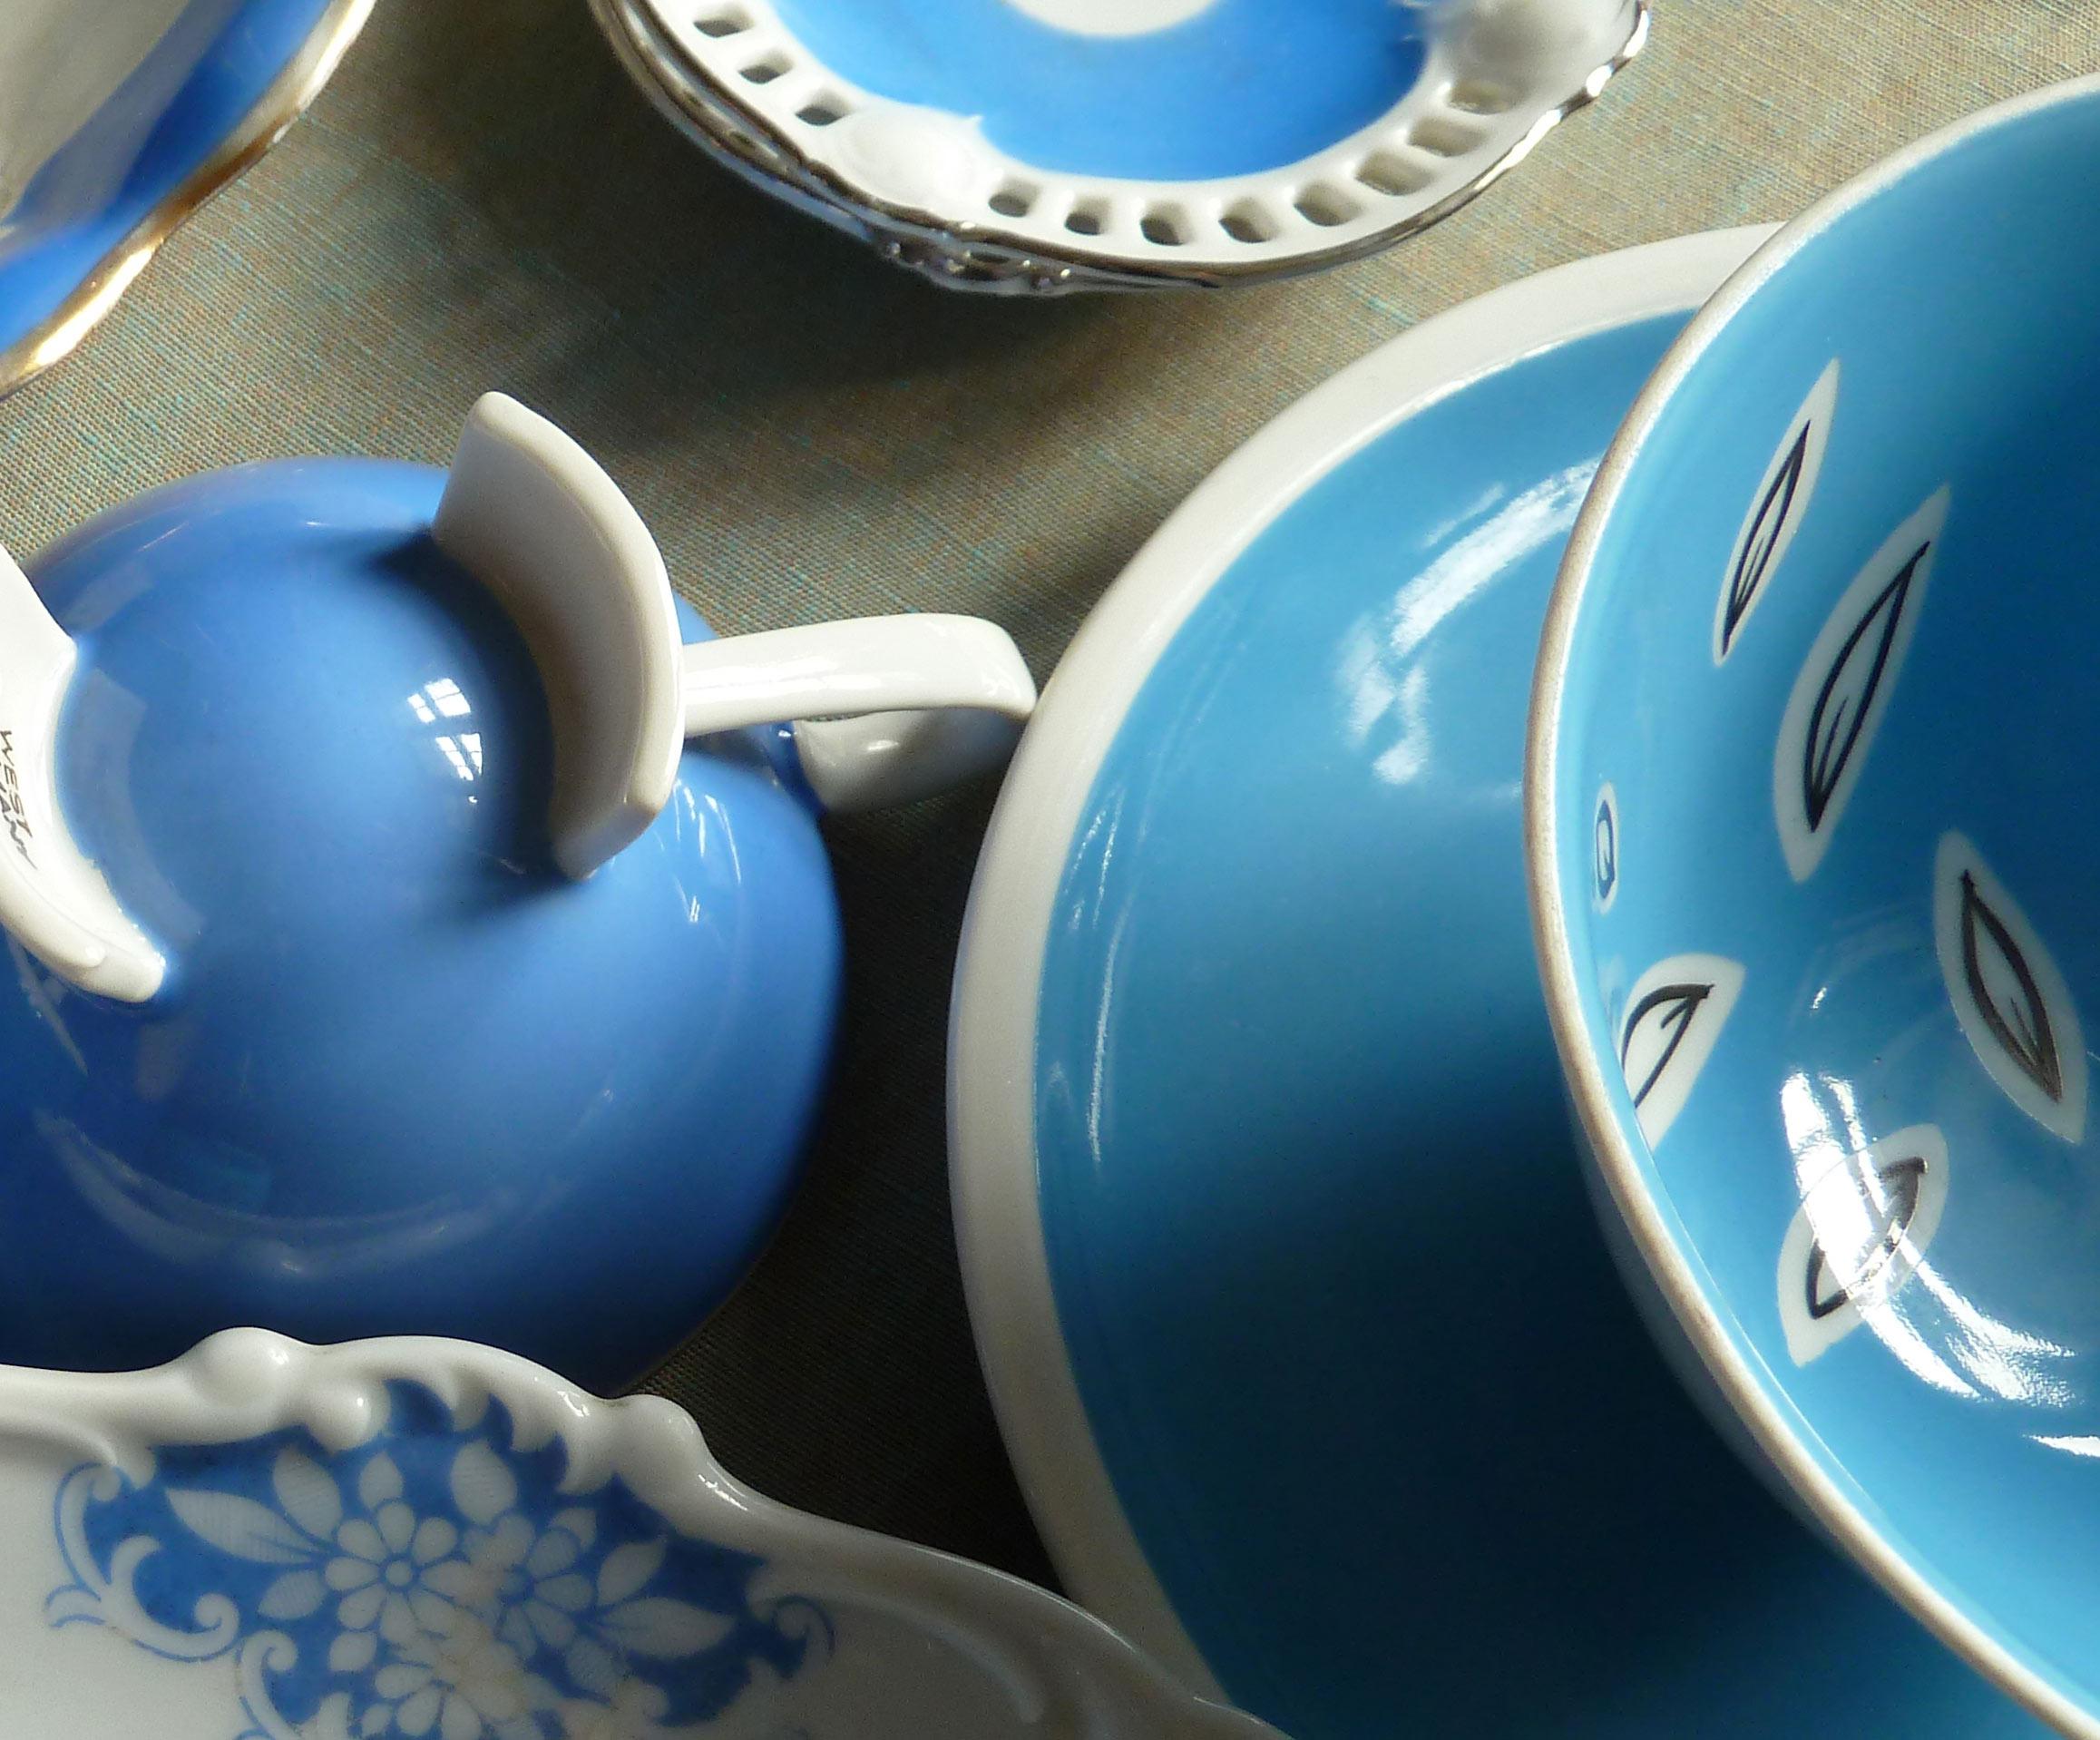 Details der himmelblauen Porzellanteile